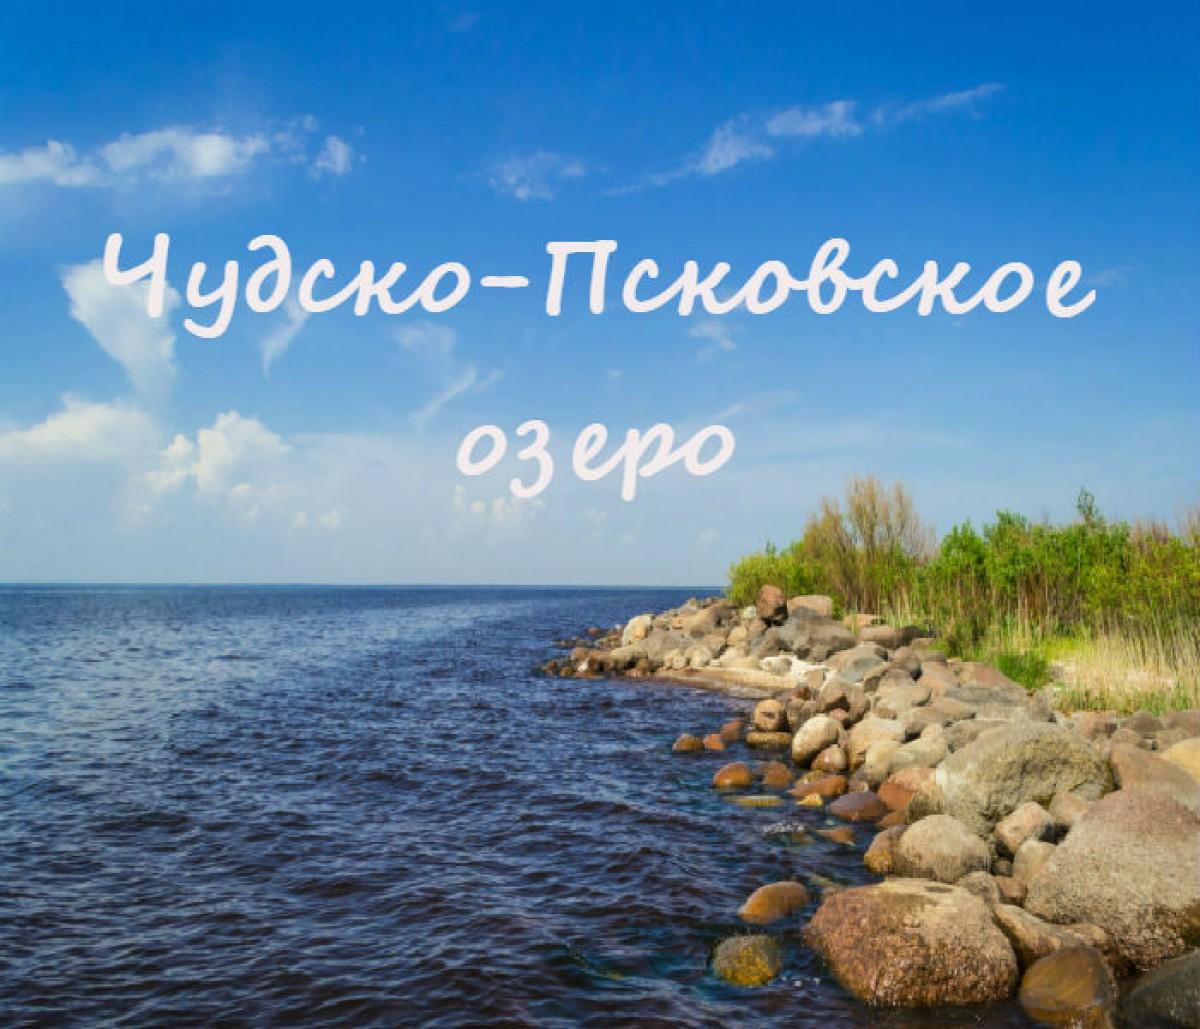 73–НИР/ФЦП-2017 Роль внутренней нагрузки в формировании состояния экосистемы Чудско-Псковского озера